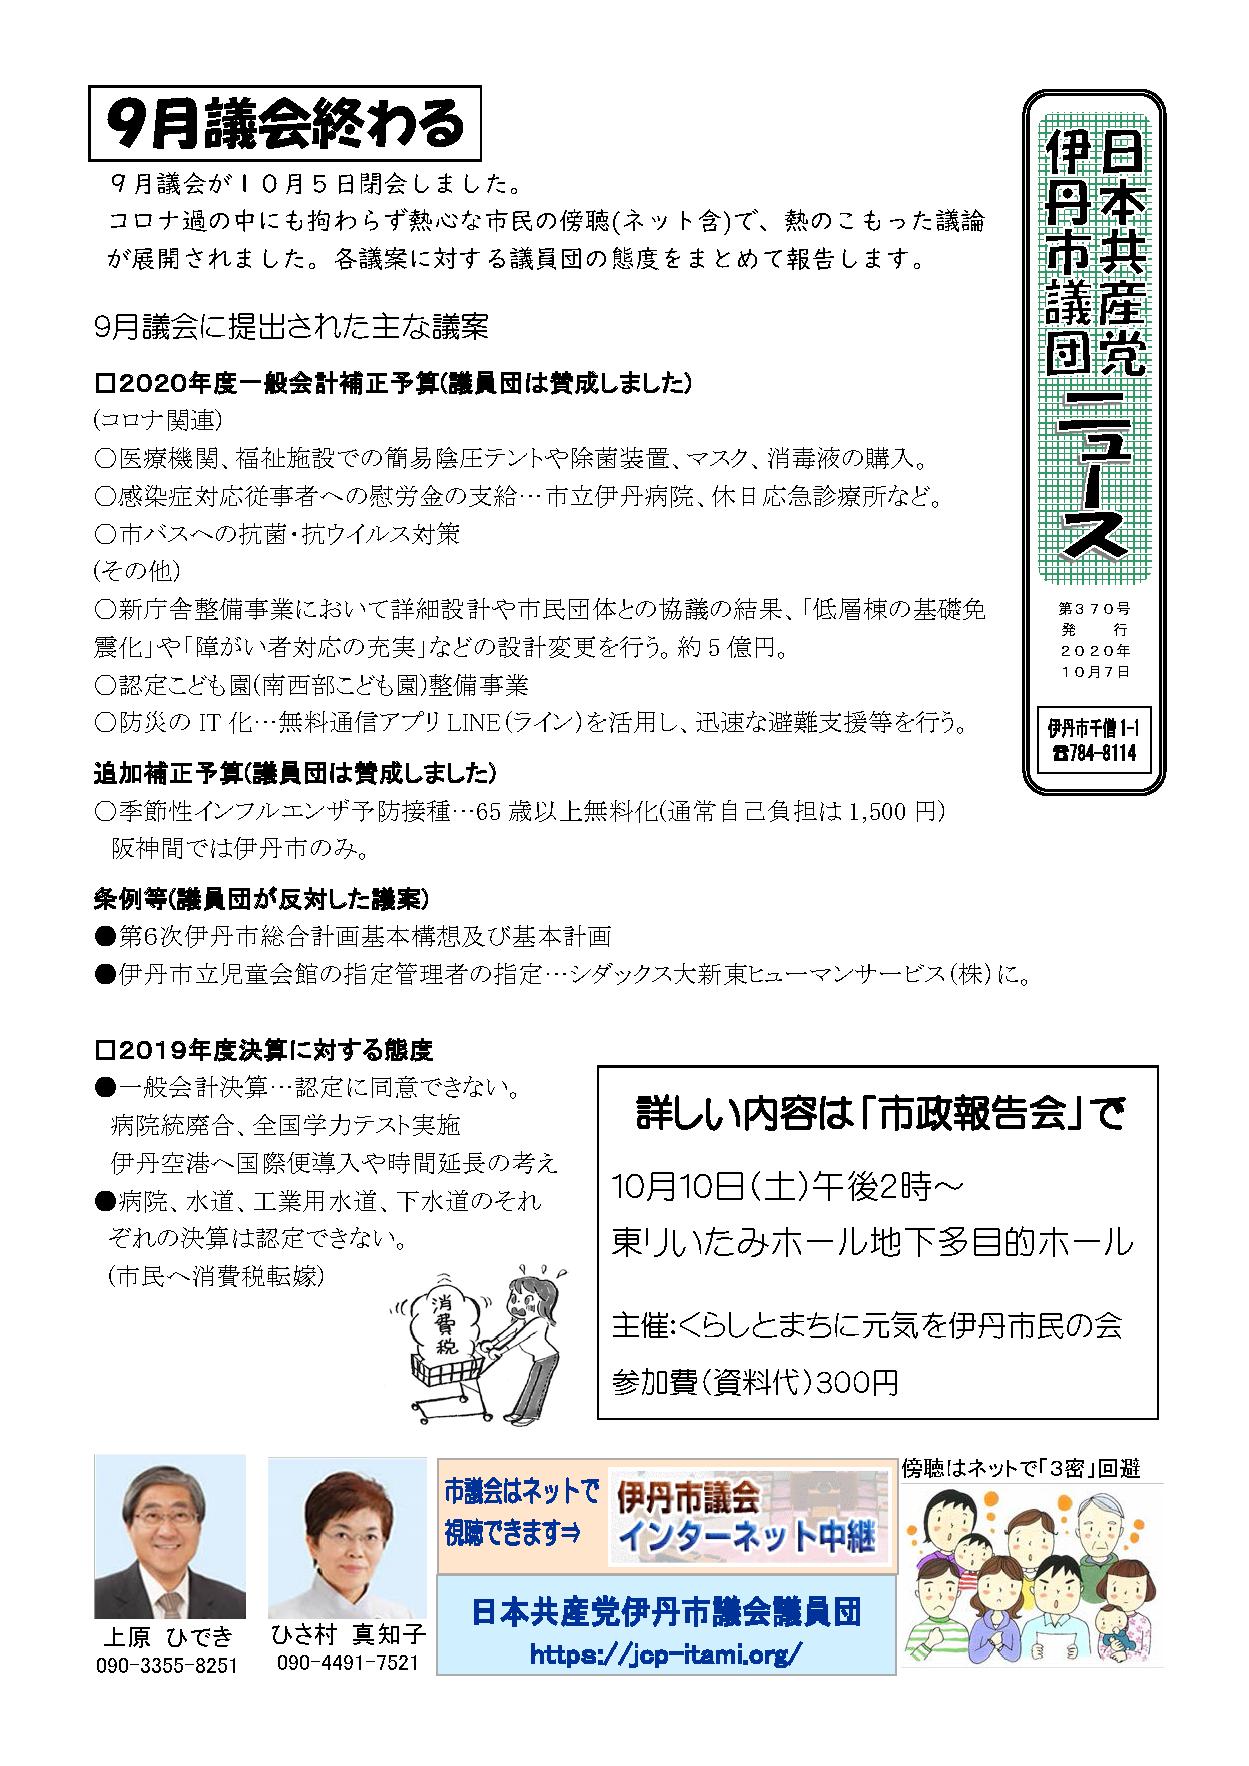 日本共産党伊丹市議団ニュース370号(表面)